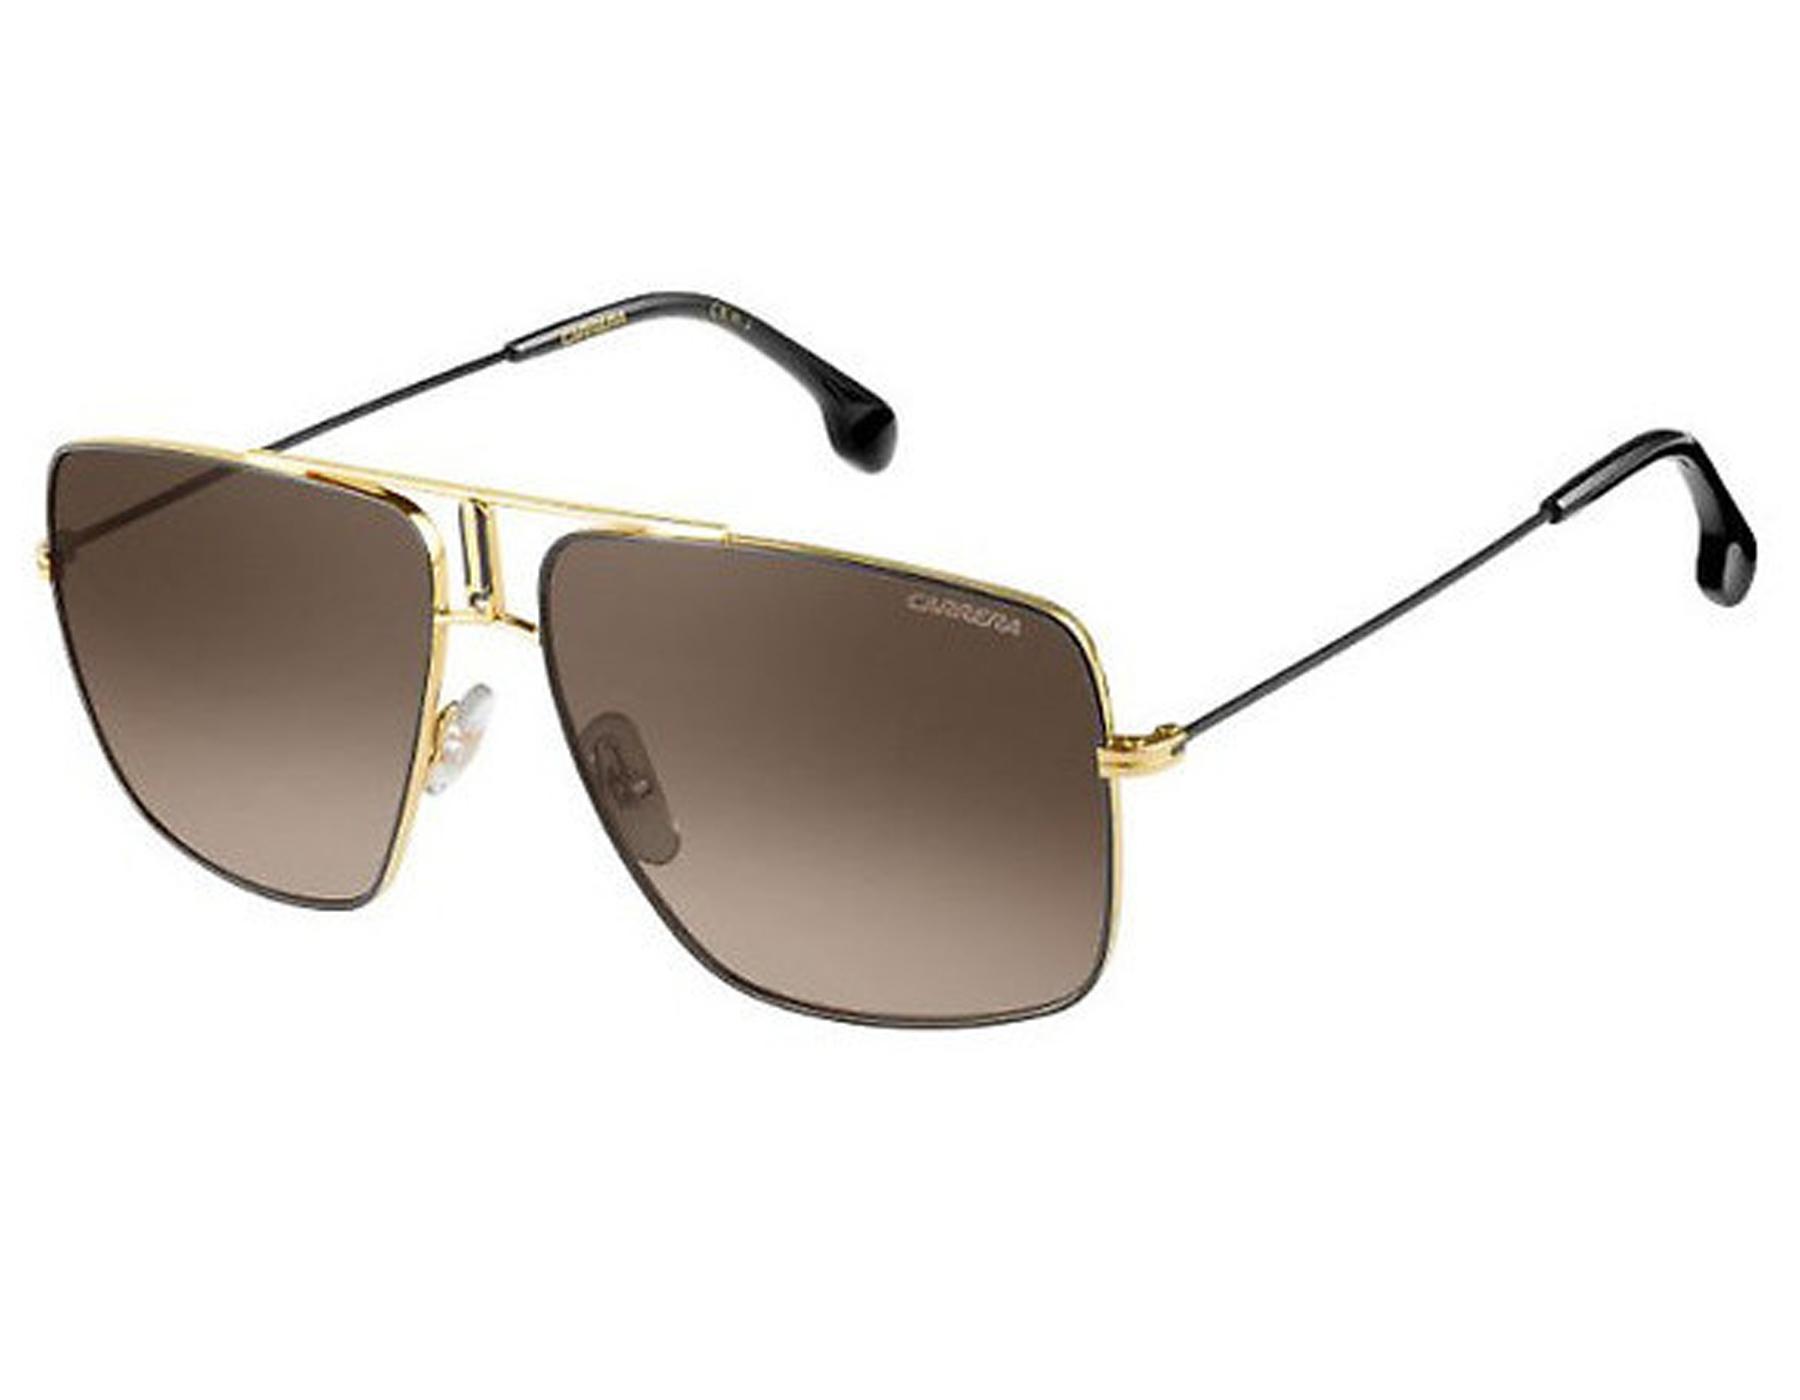 7ad12383fec795 Details about NEW Carrera CA1006 2M2 HA Black Gold   Brown Gradient  Sunglasses